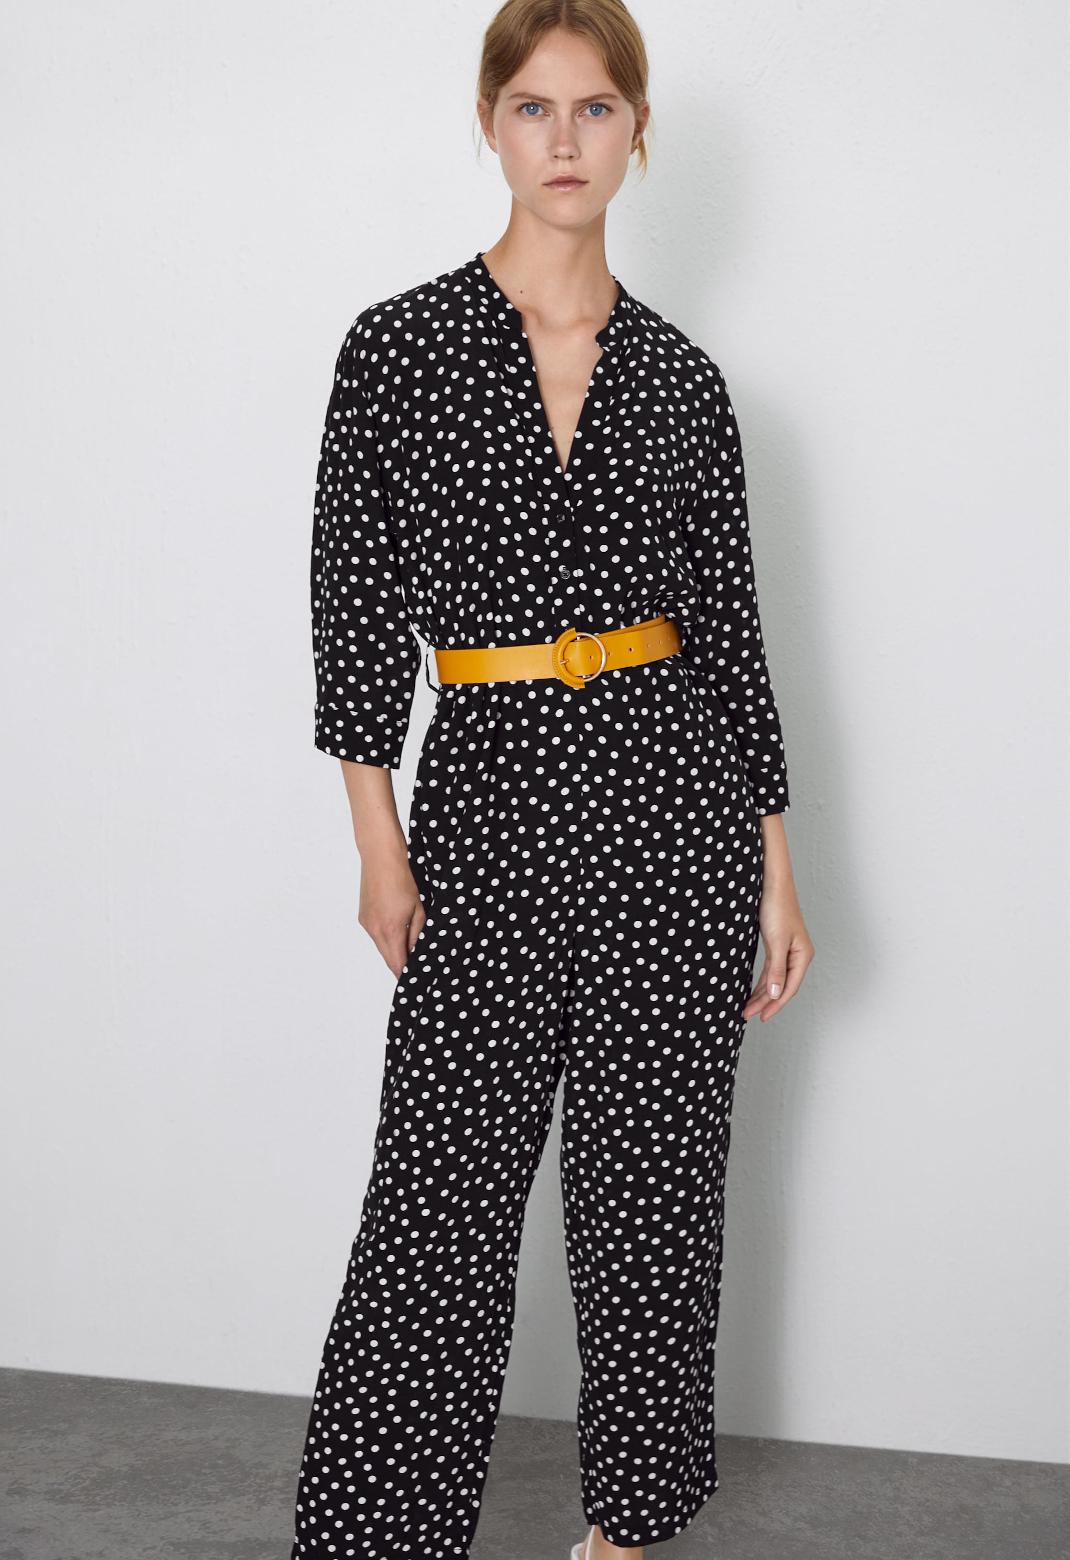 μοντέλο με jumpsuit Zara